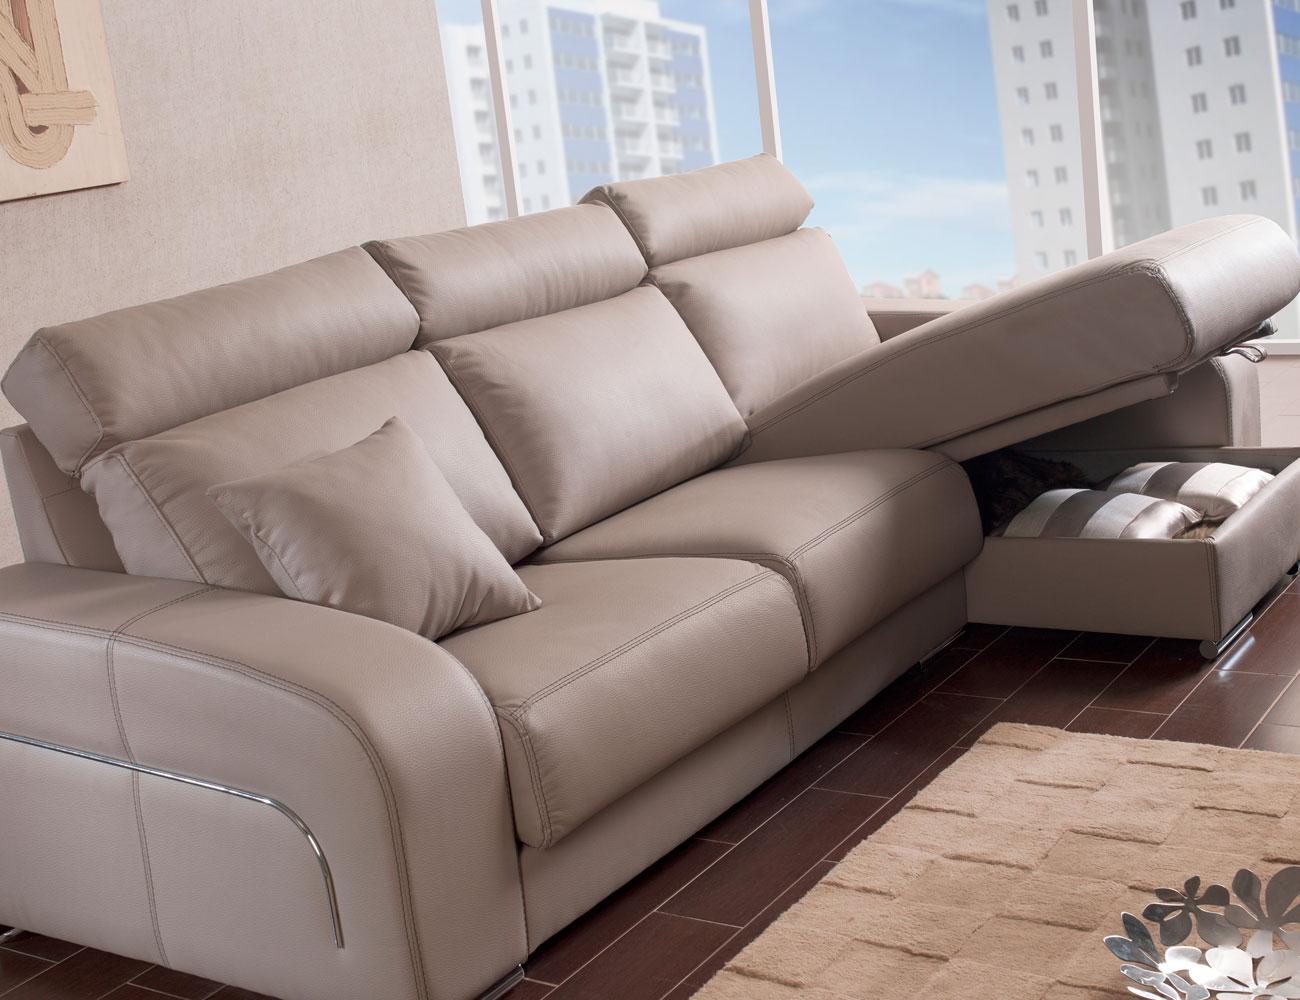 Sofa chaiselongue moderno pared cero arcon29